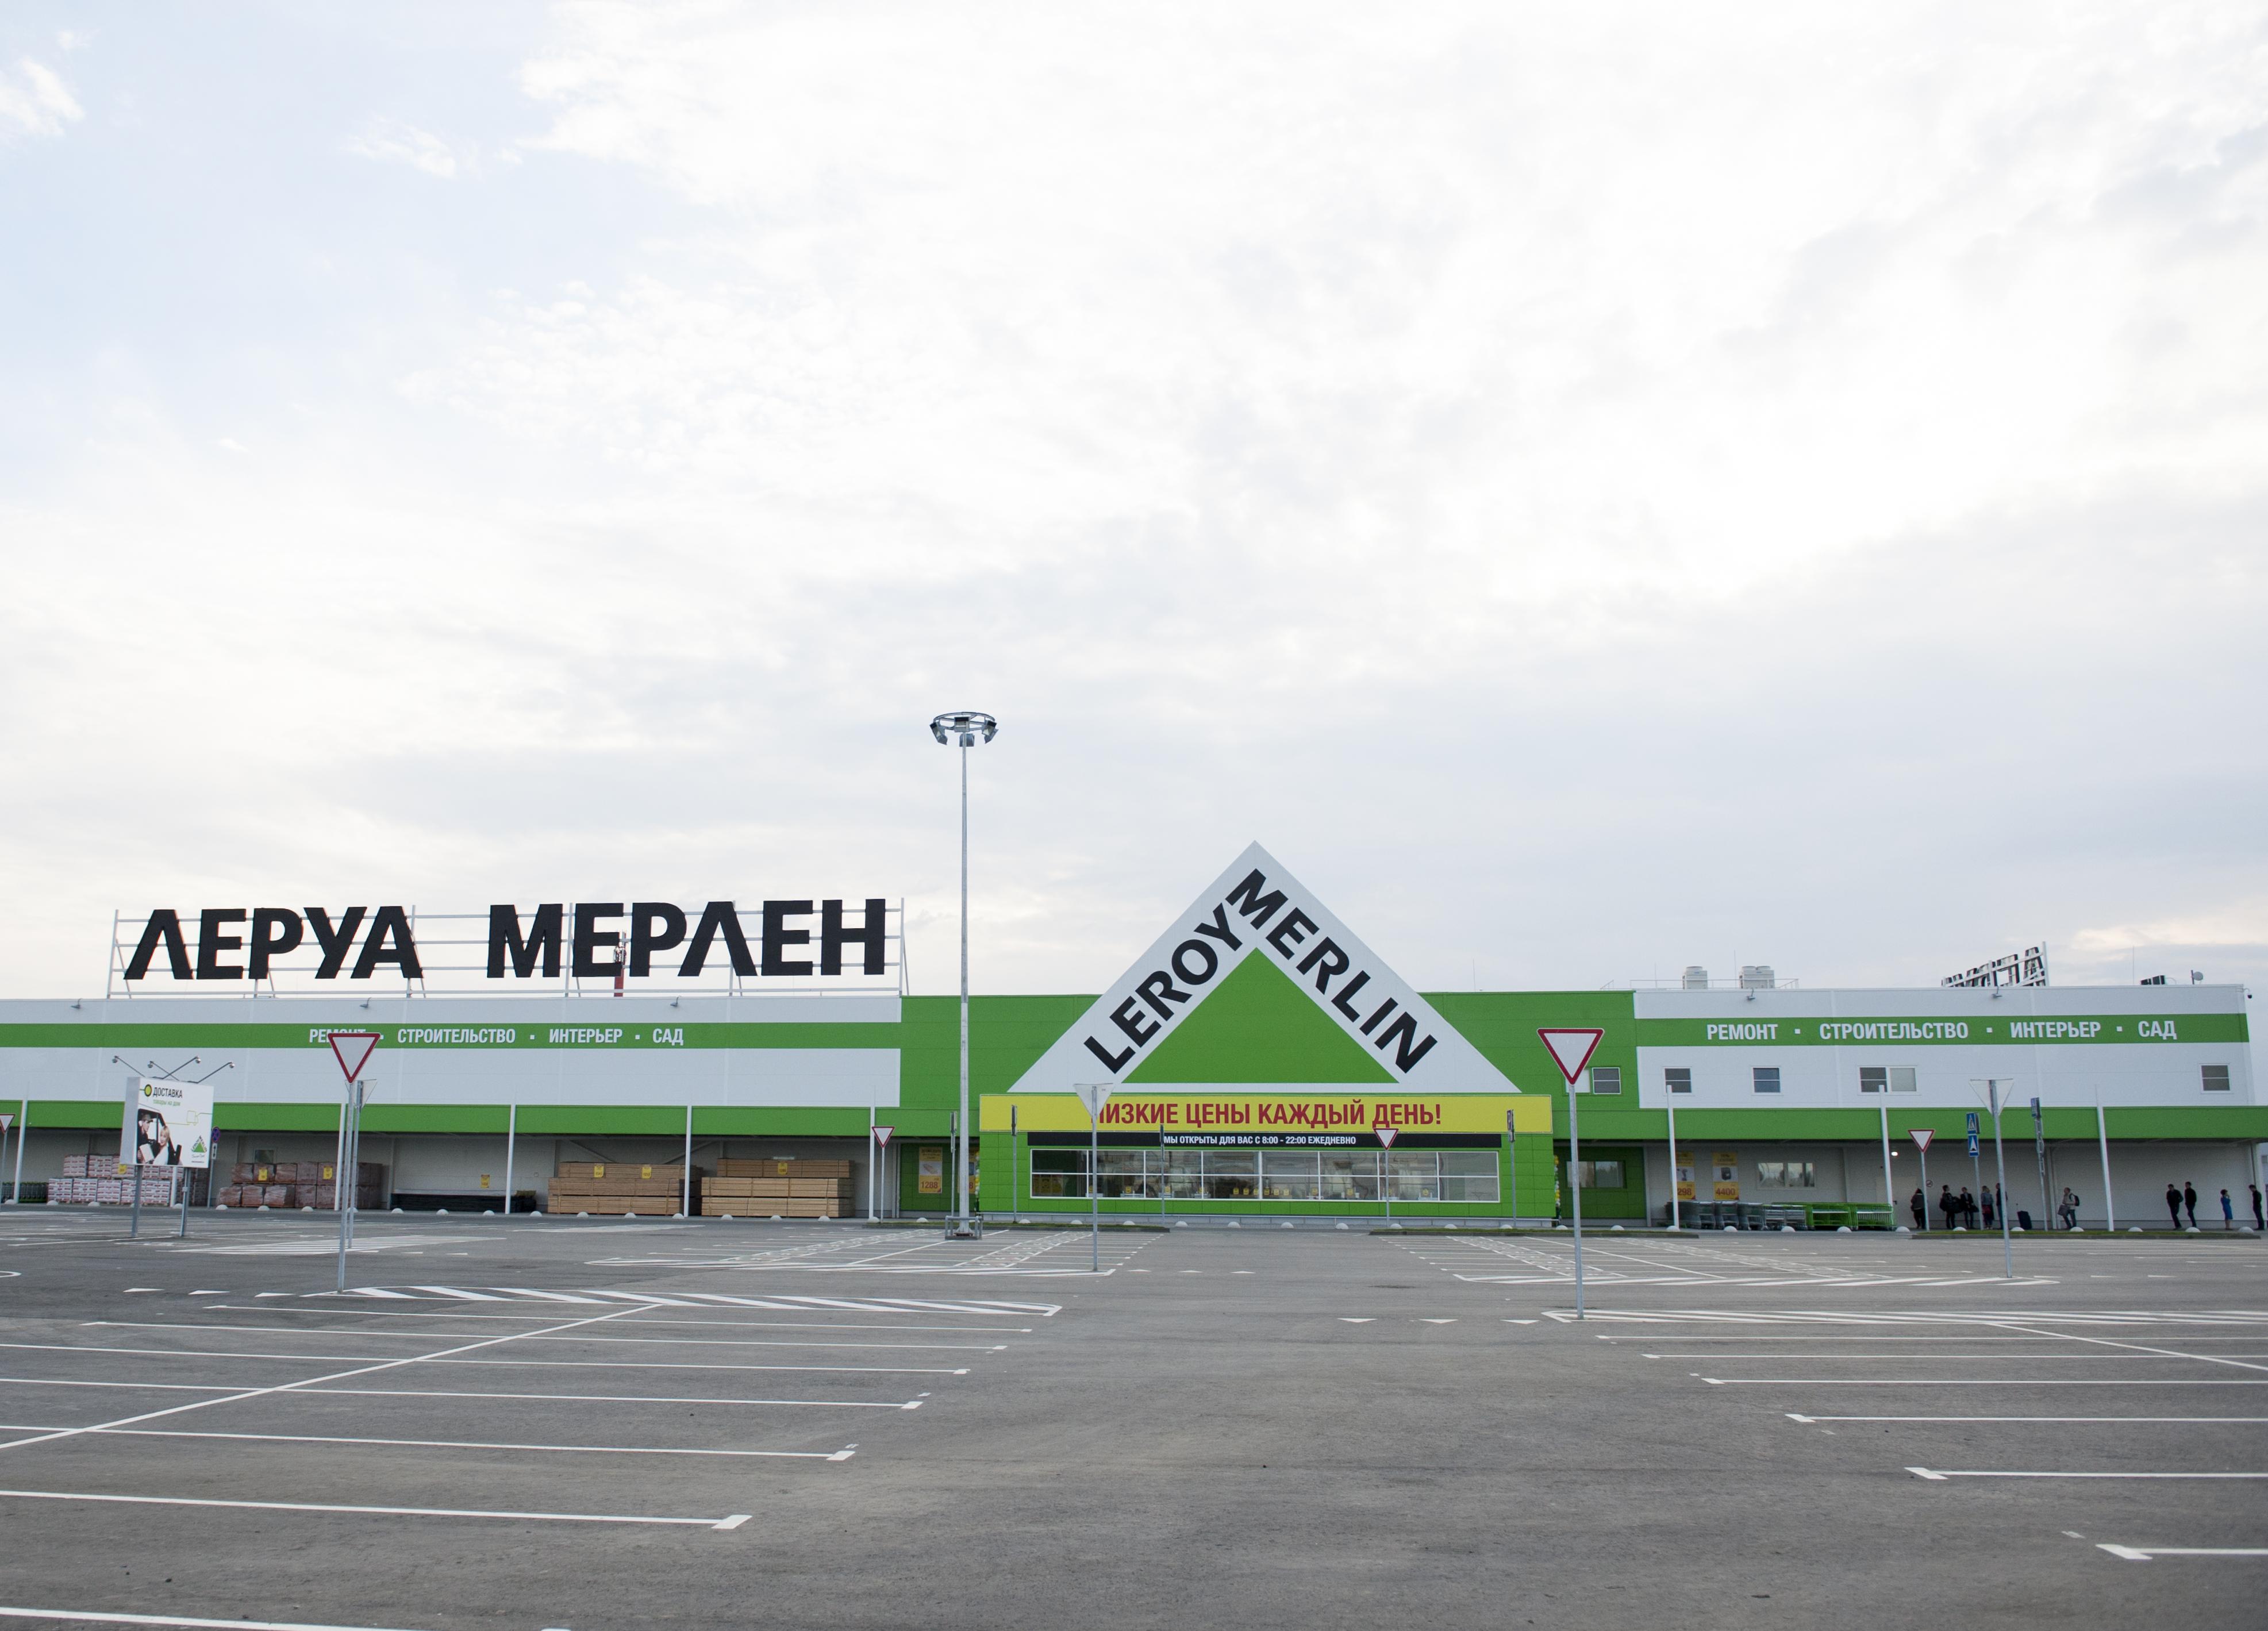 леруа мерлен тольятти интернет магазин леруа мерлен в тольятти